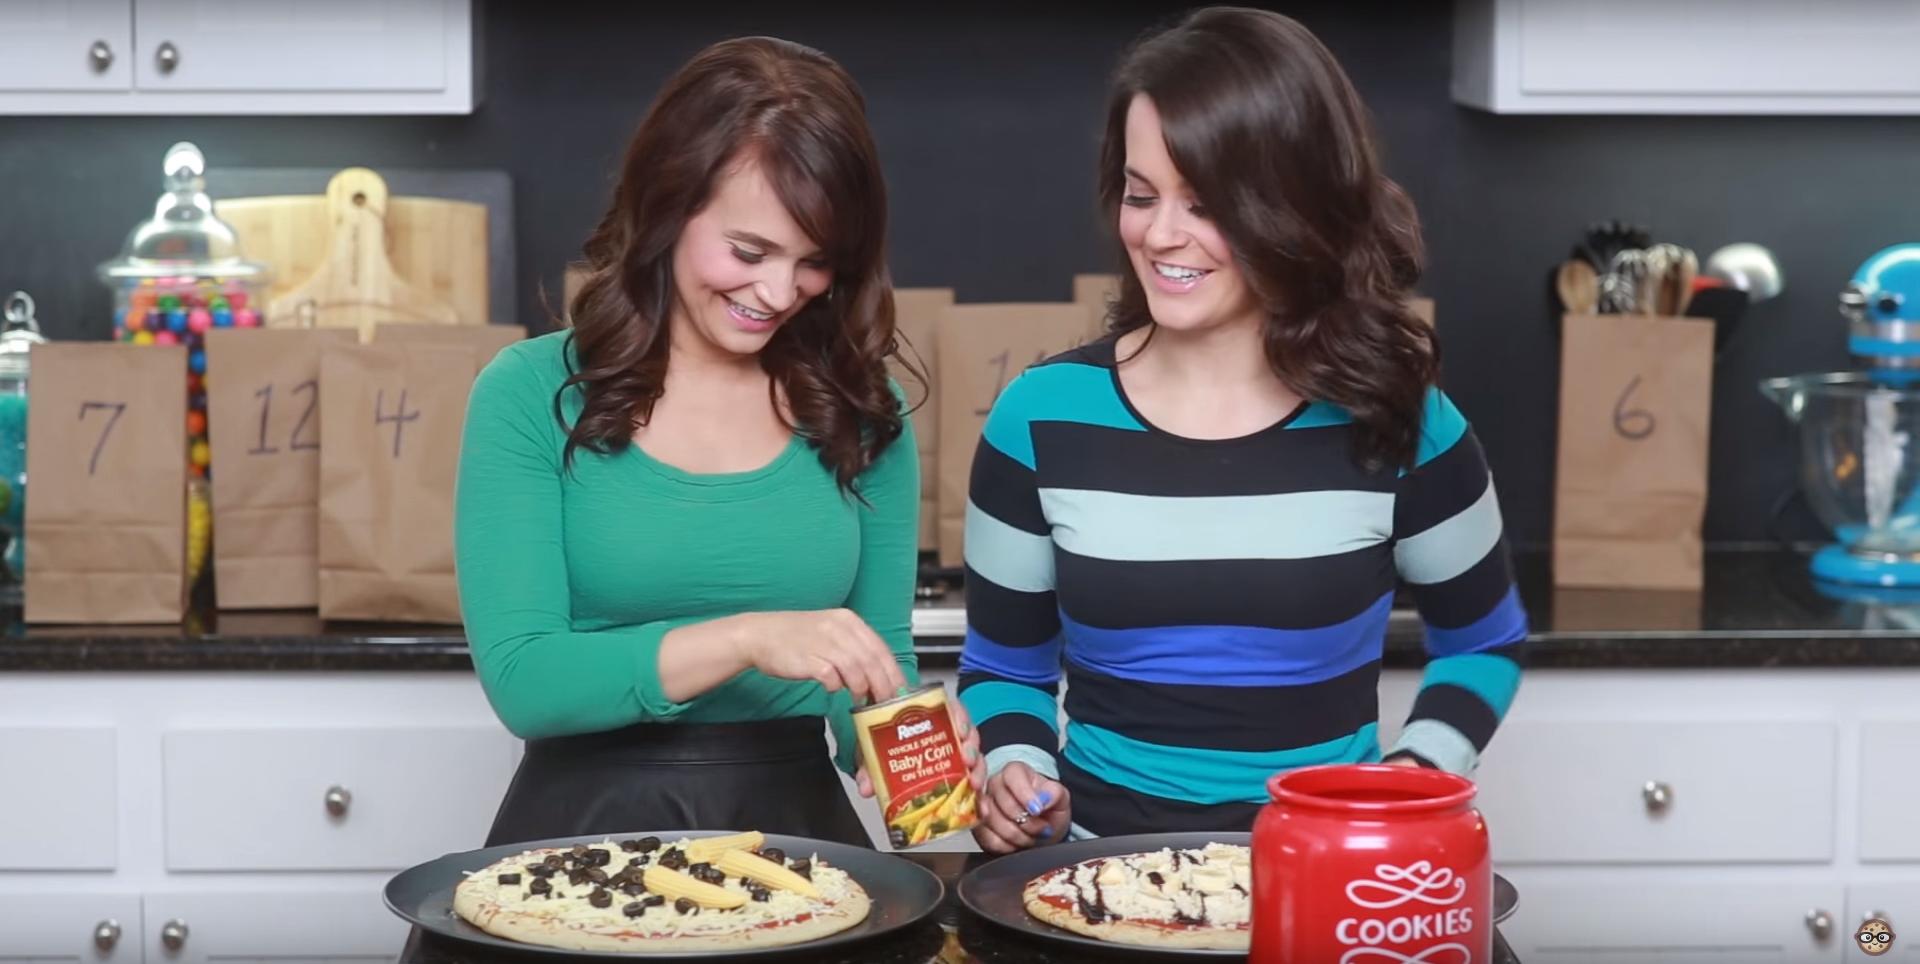 Как сделать видеоблог интересным и заработать на нем: 5 беспроигрышных вариантов для женщины видео блогера